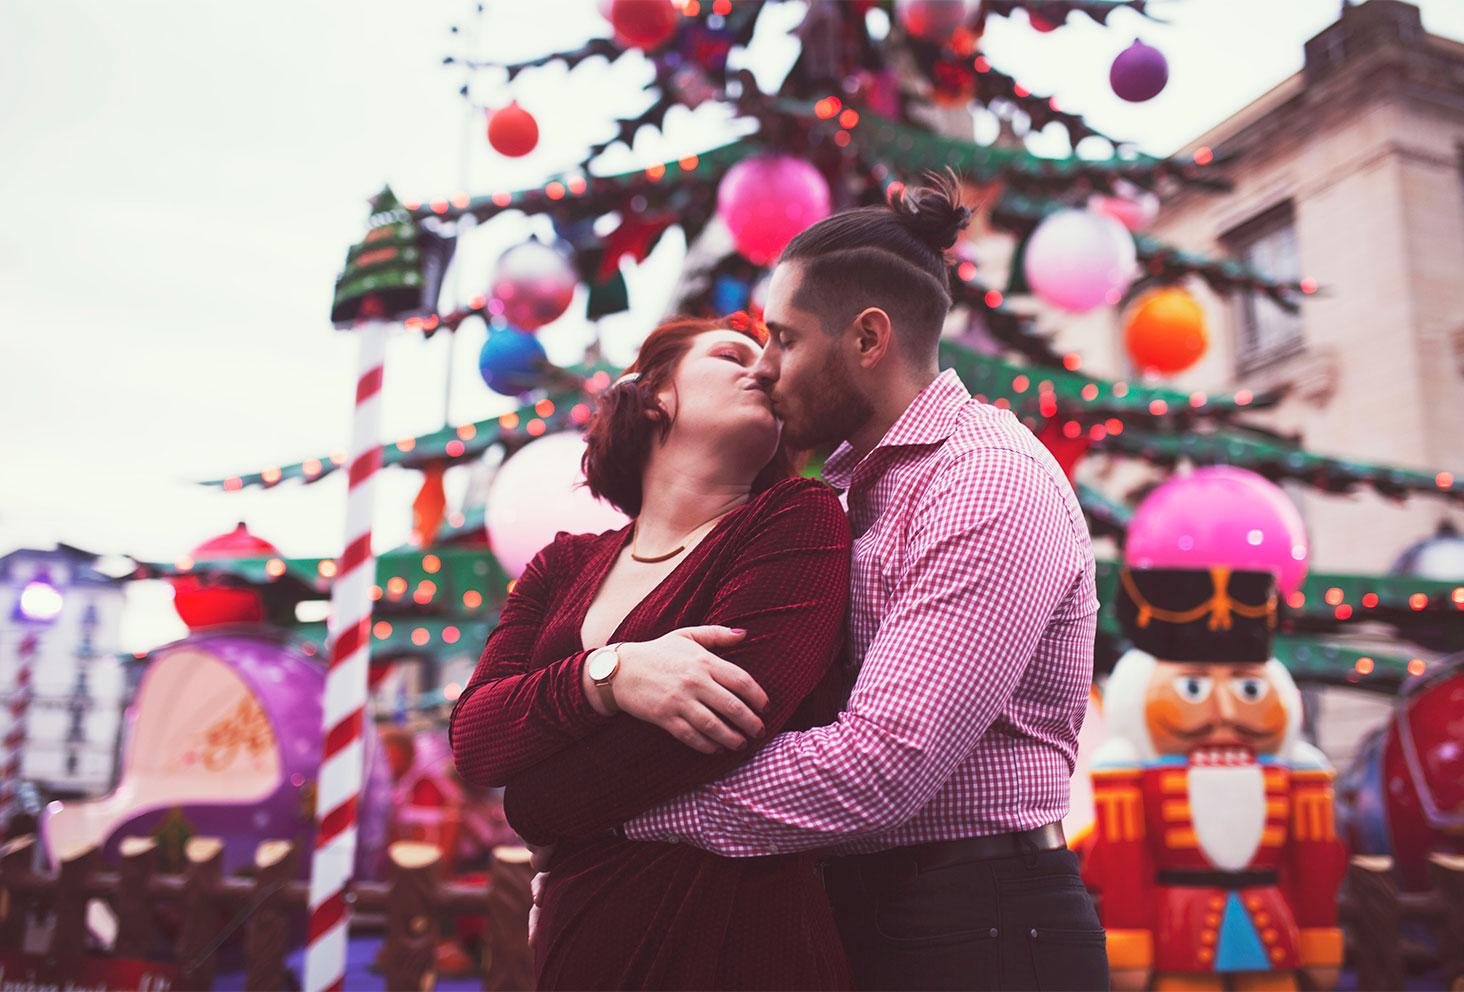 Bisous d'amour devant le sapin lumineux du marché de Noël de Tours en looks de fêtes